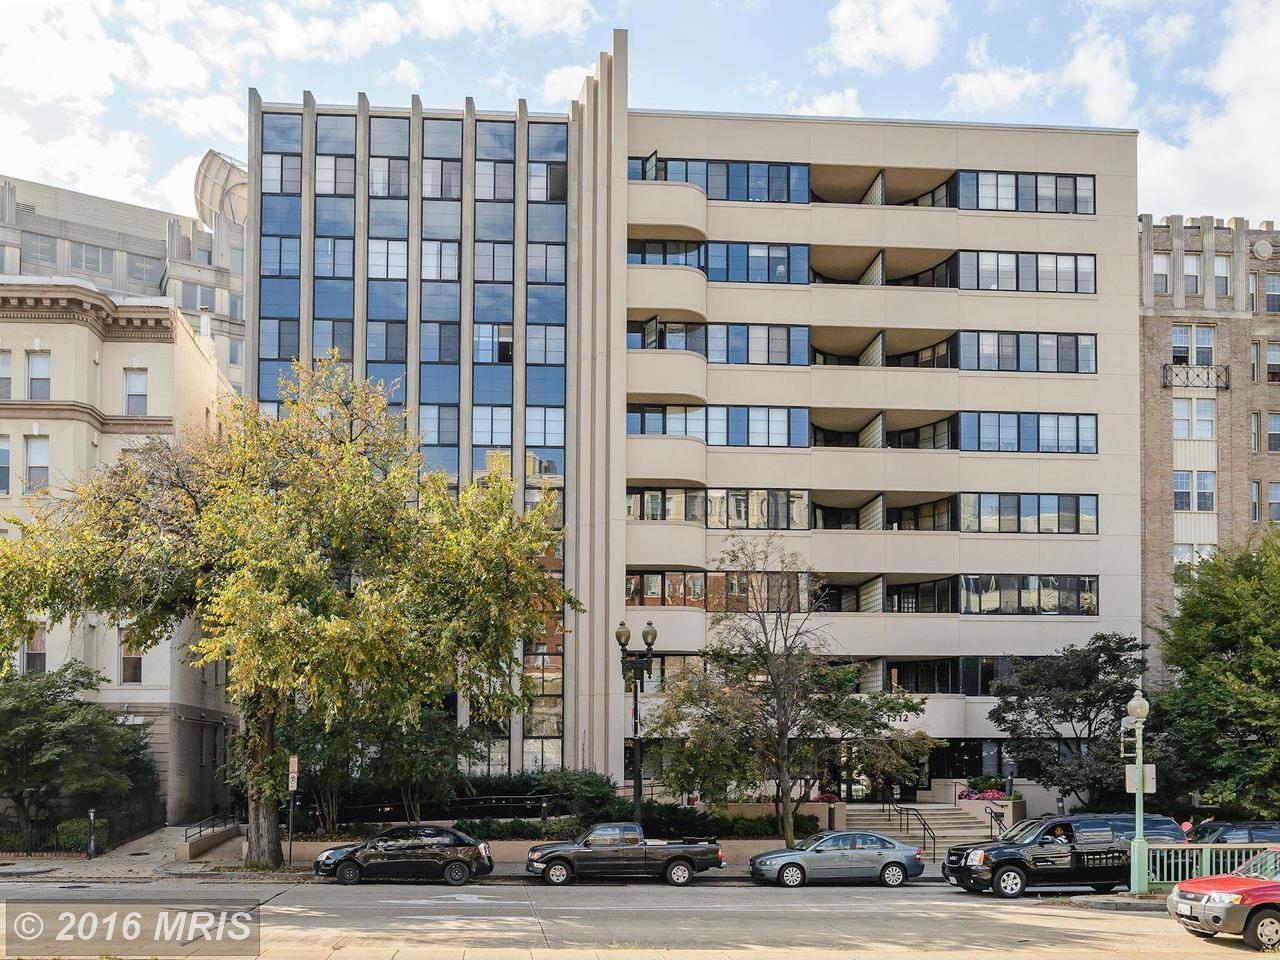 1312 Massachusetts Ave NW, Washington, DC 20005